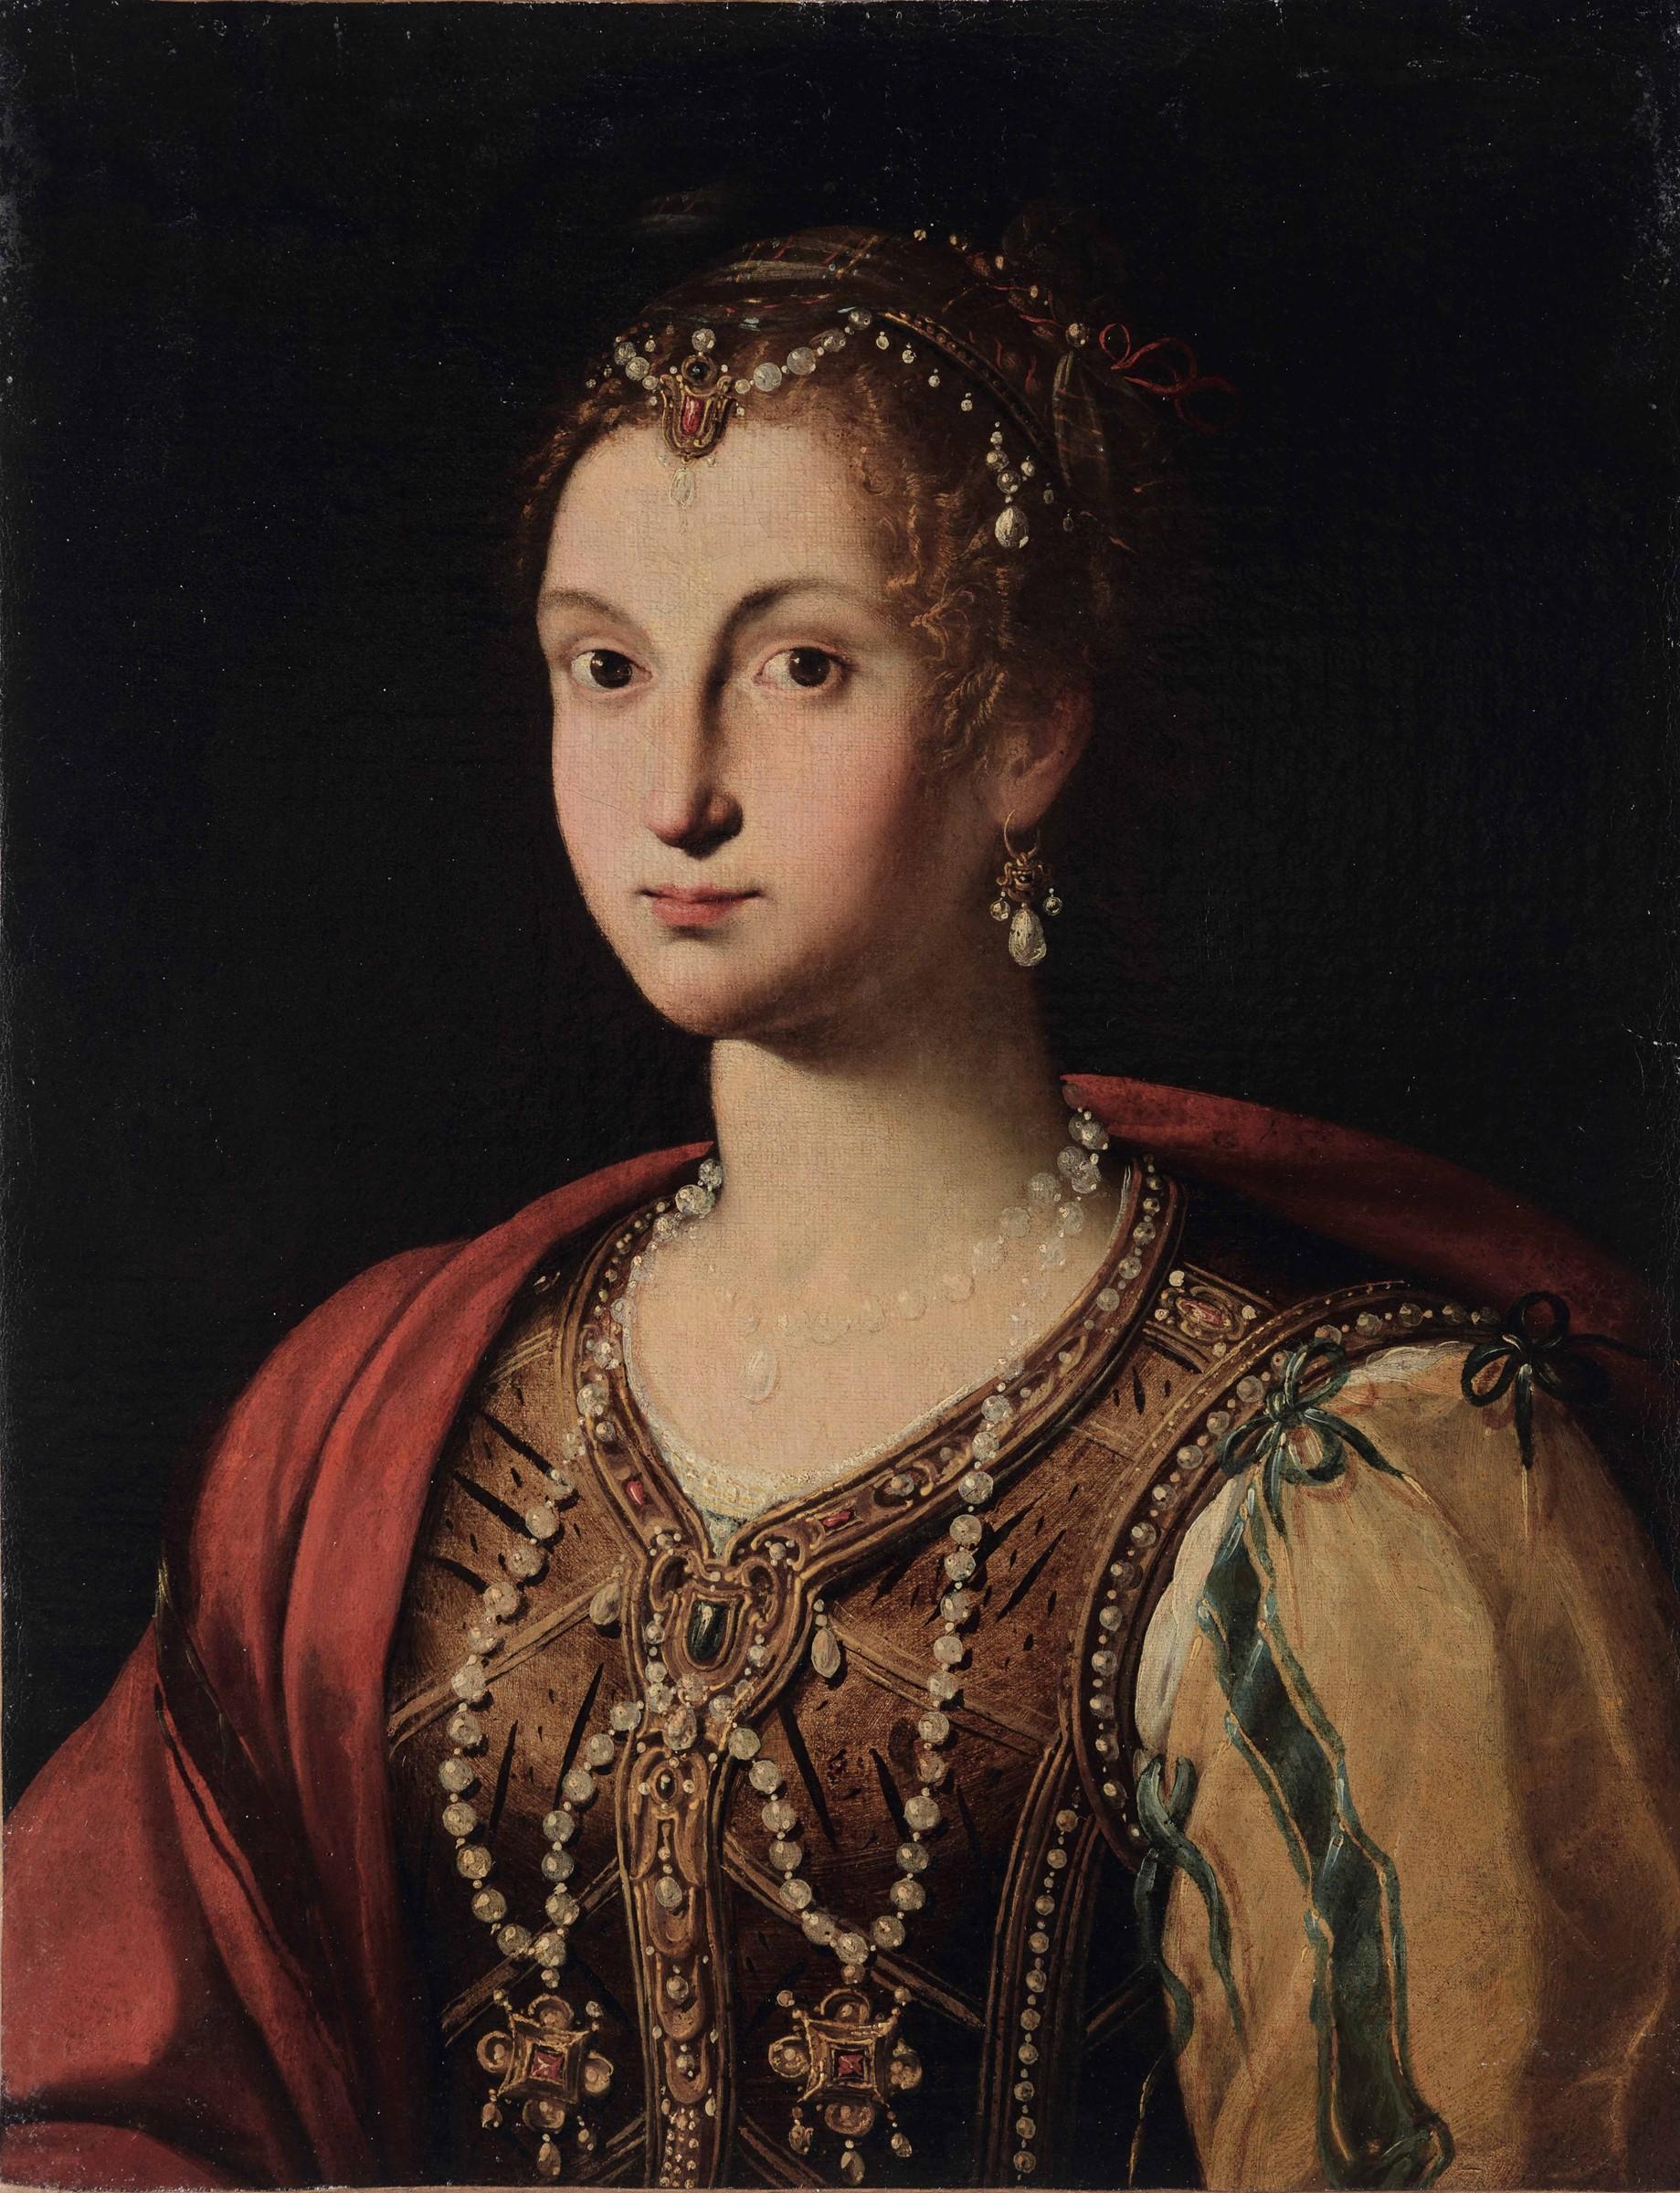 Jacopo Zucchi (Firenze 1541 - Roma 1596), attribuito a, Ritratto di gentildonna con [...]